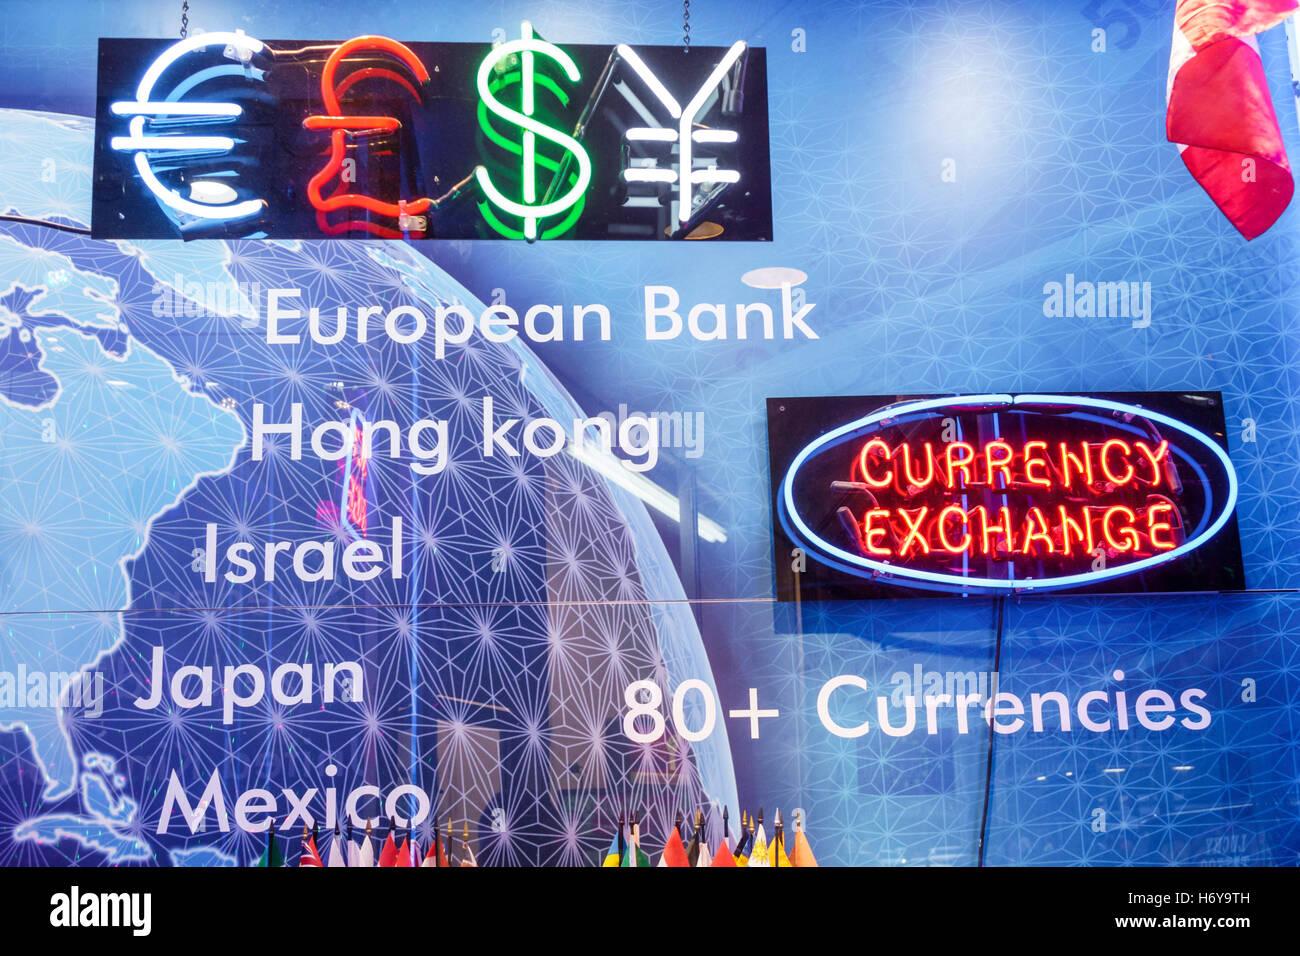 Florida, Sur, Miami Beach, cambio de divisas, símbolos monetarios, neón signo, visitas turísticas viajar viaje turismo Foto de stock